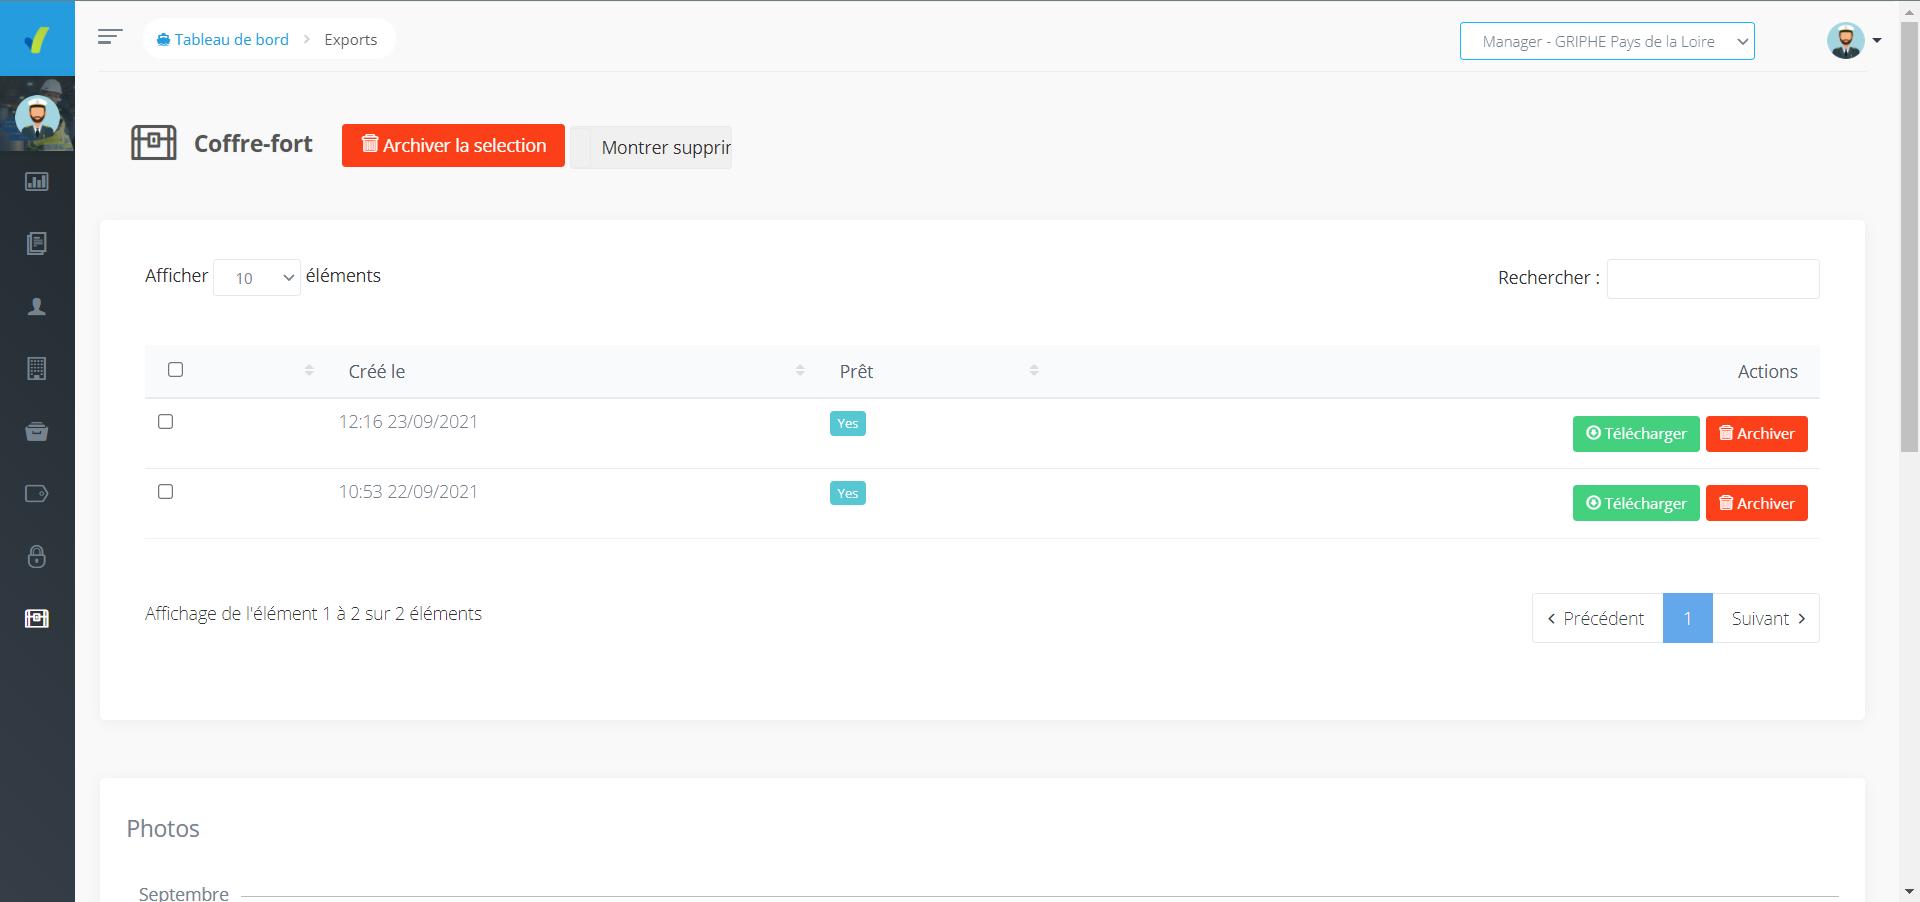 Visuel de l'outil Coffre Fort du site web SHEQ Instant, exporter vos audits rédigés rapidement